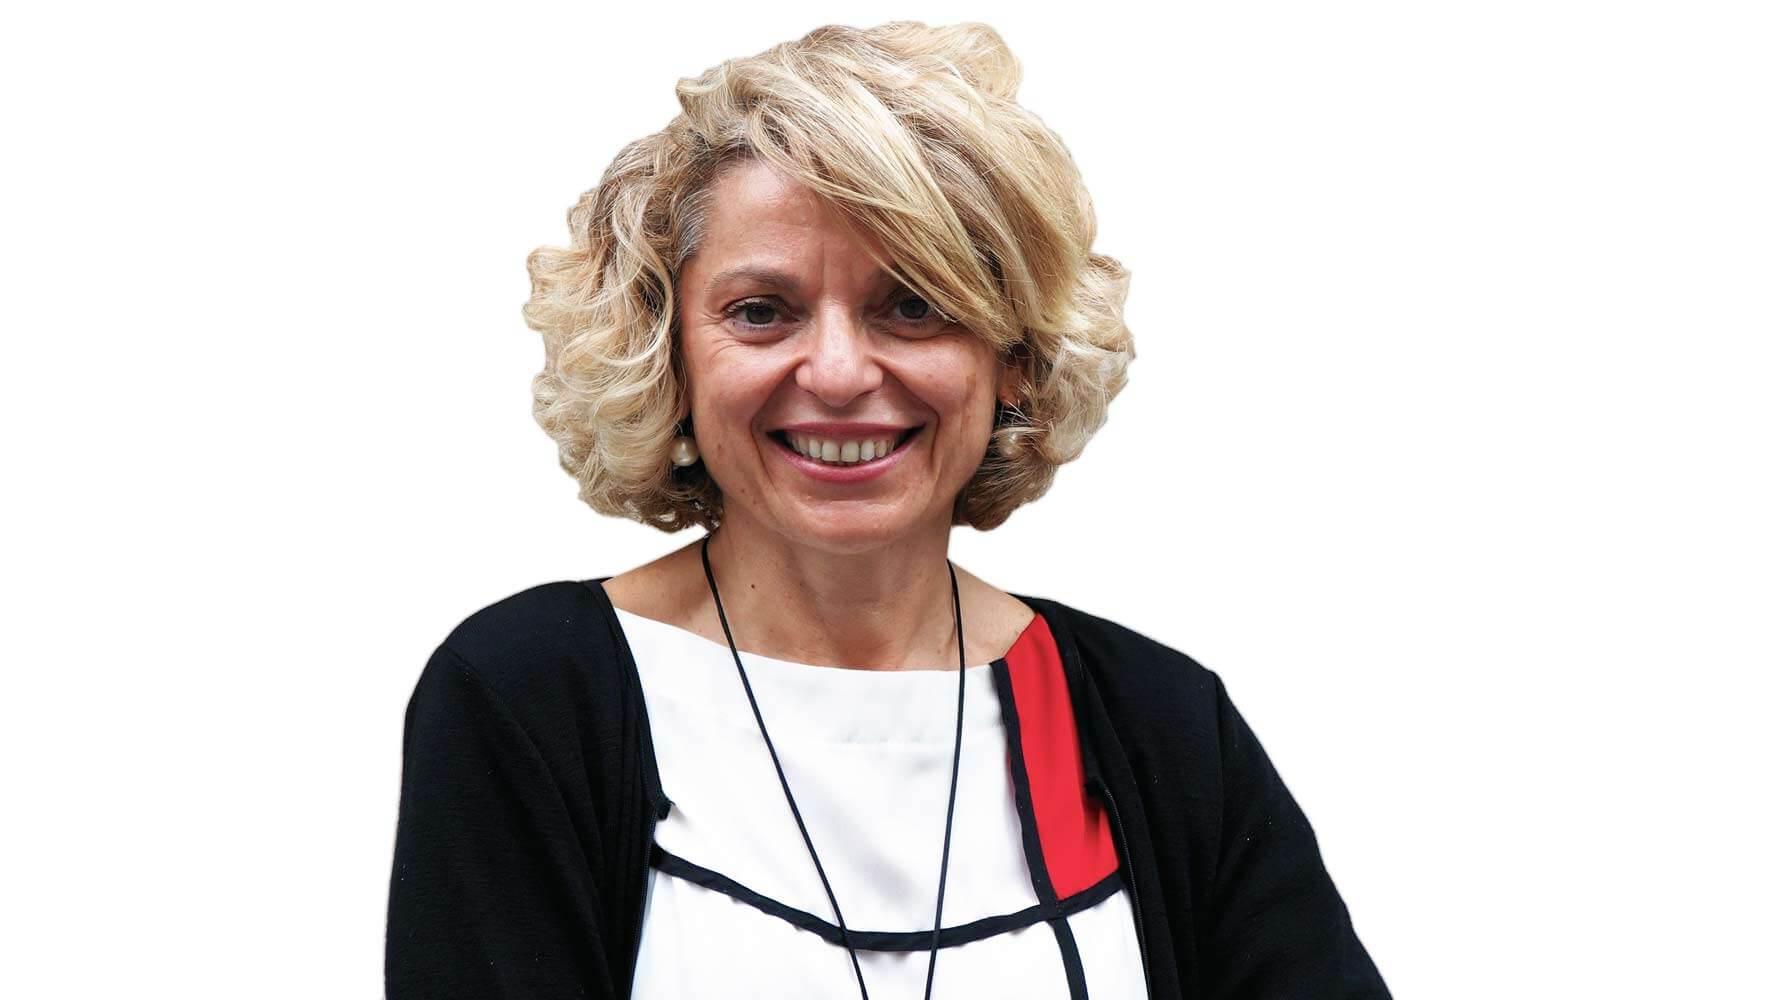 Dra. Pilar Lusilla Palacios